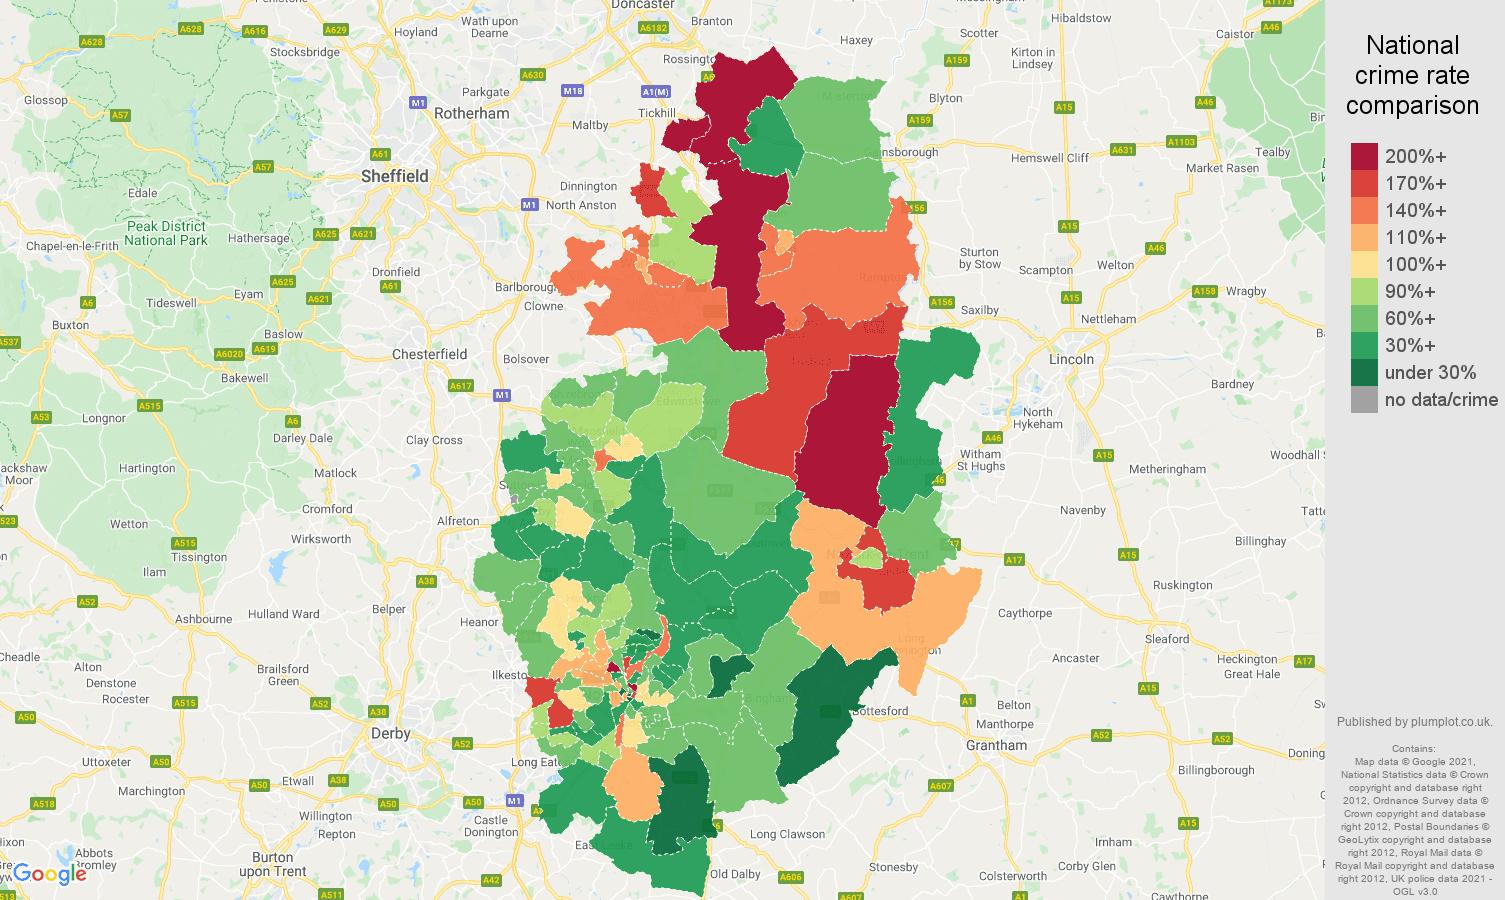 Nottinghamshire vehicle crime rate comparison map